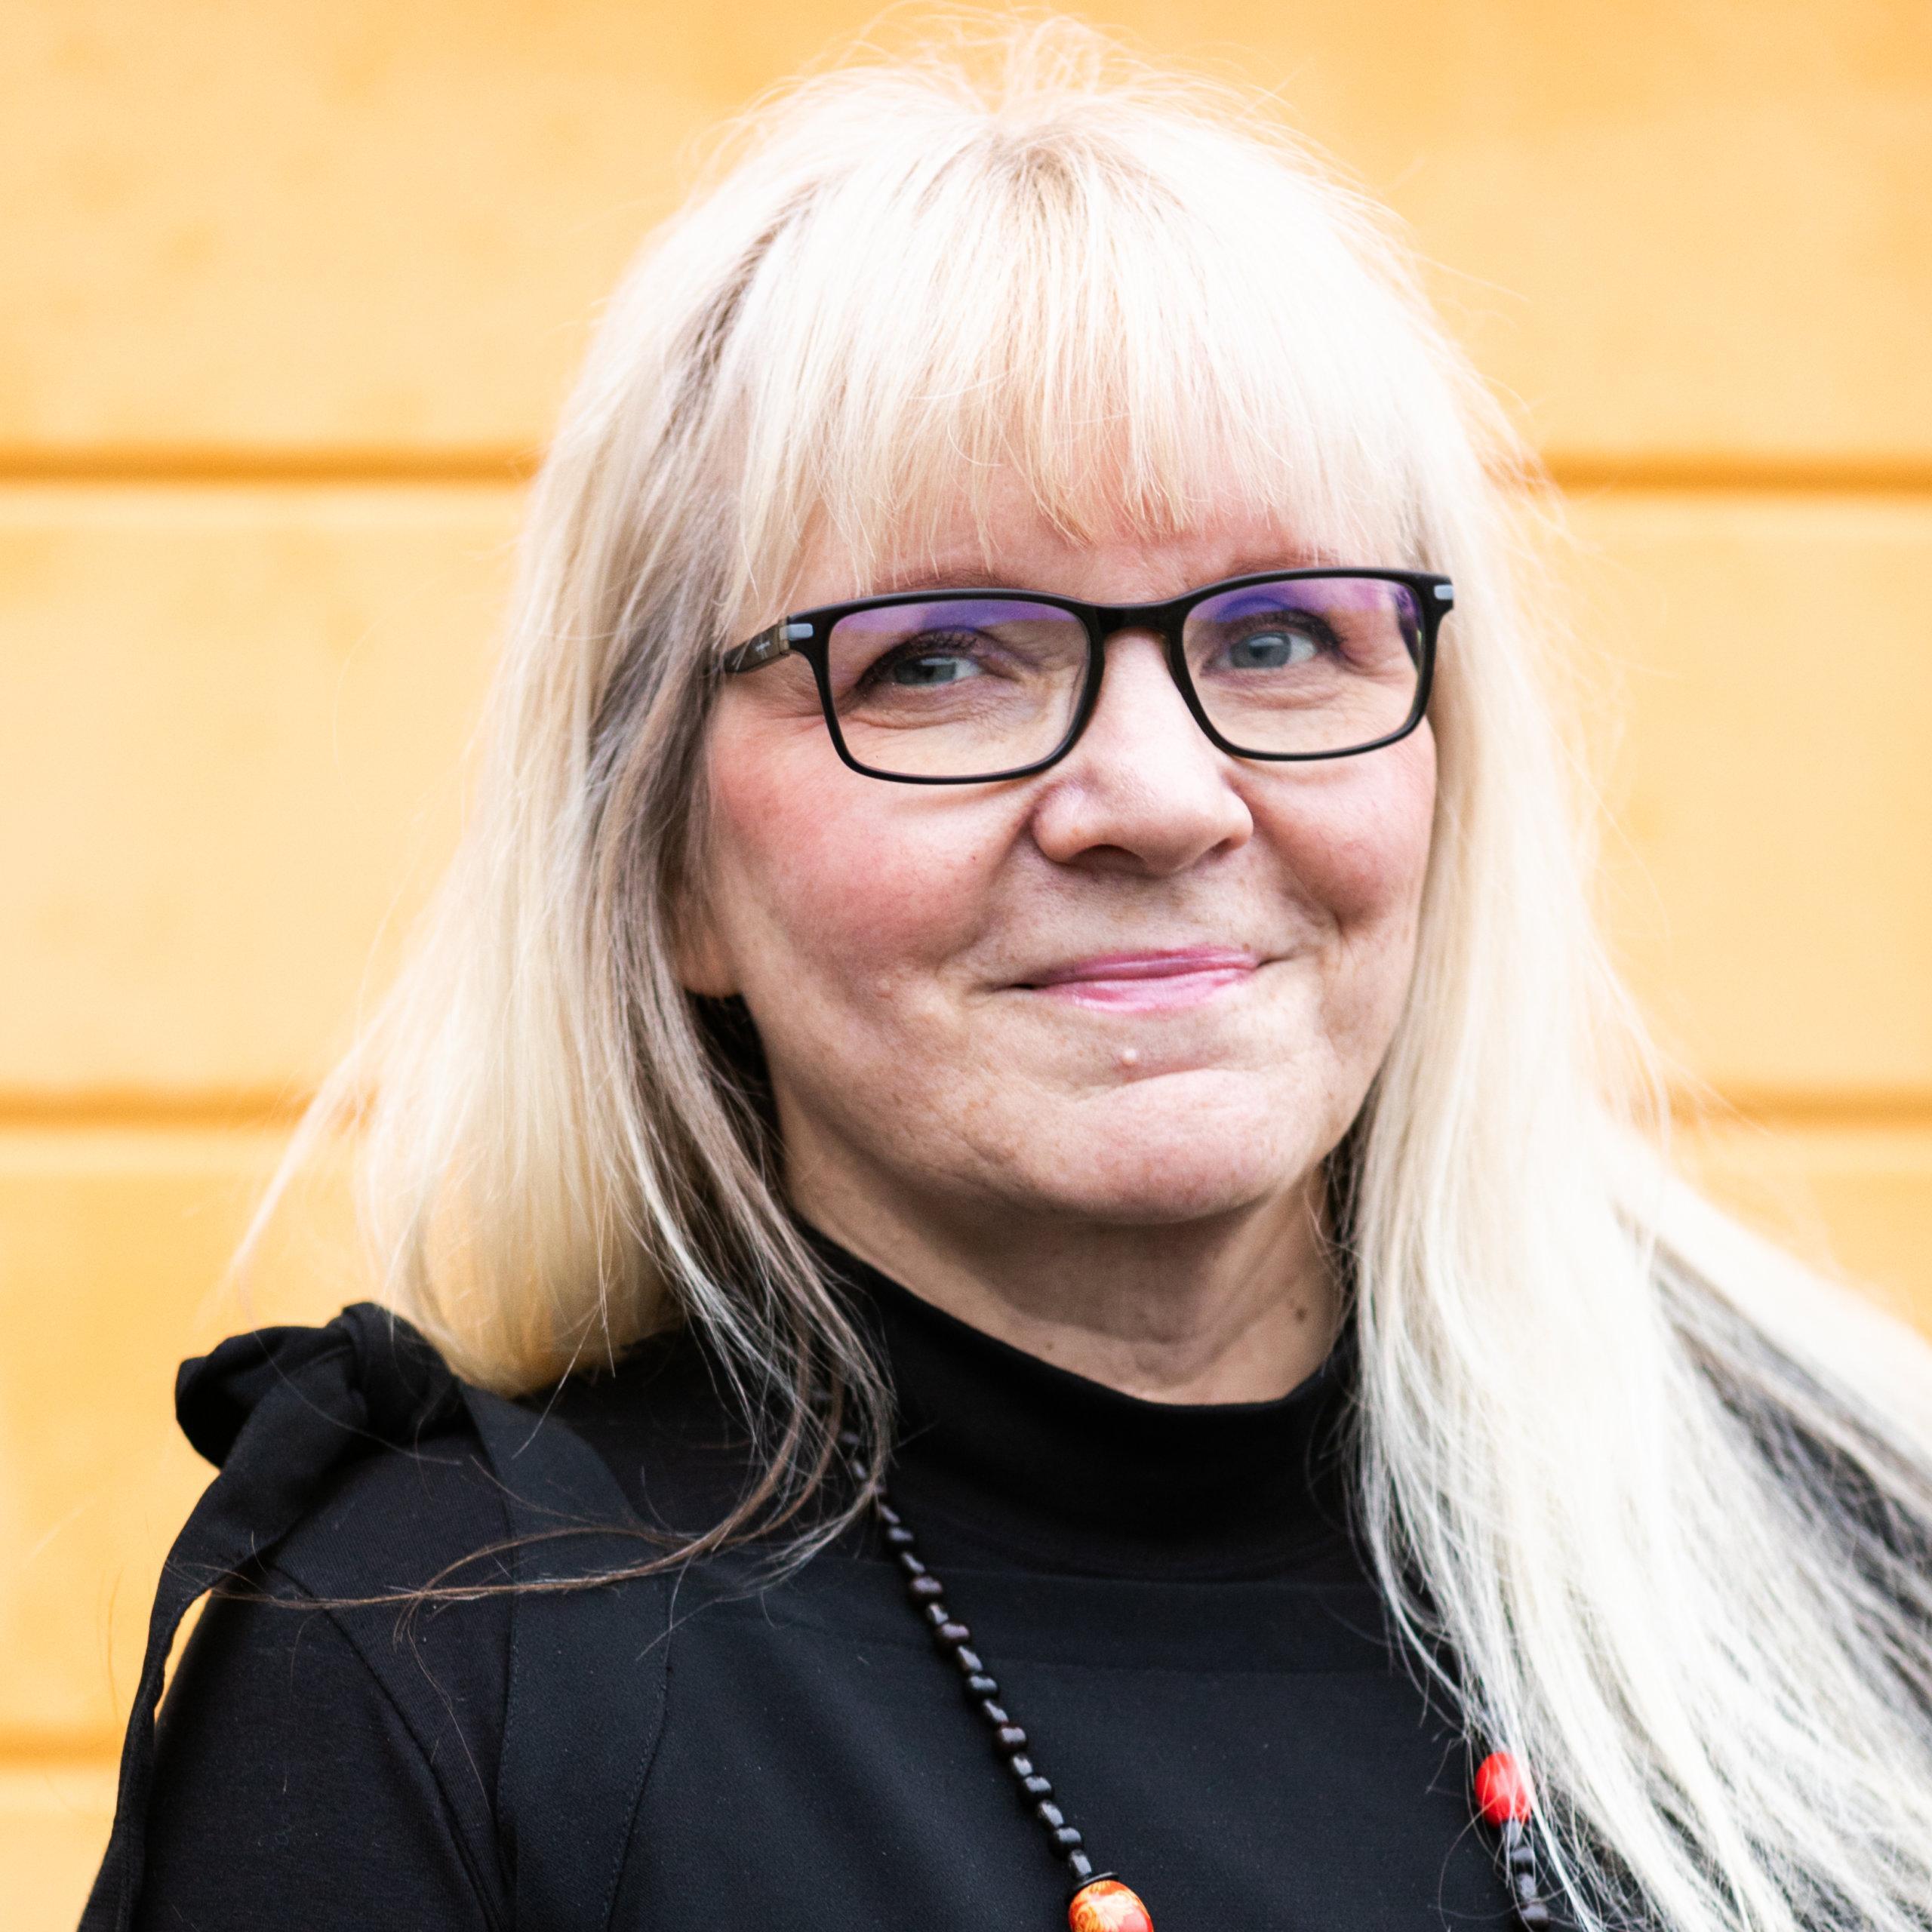 Sofiantähden vastaava Anne Kollin-Kankainen